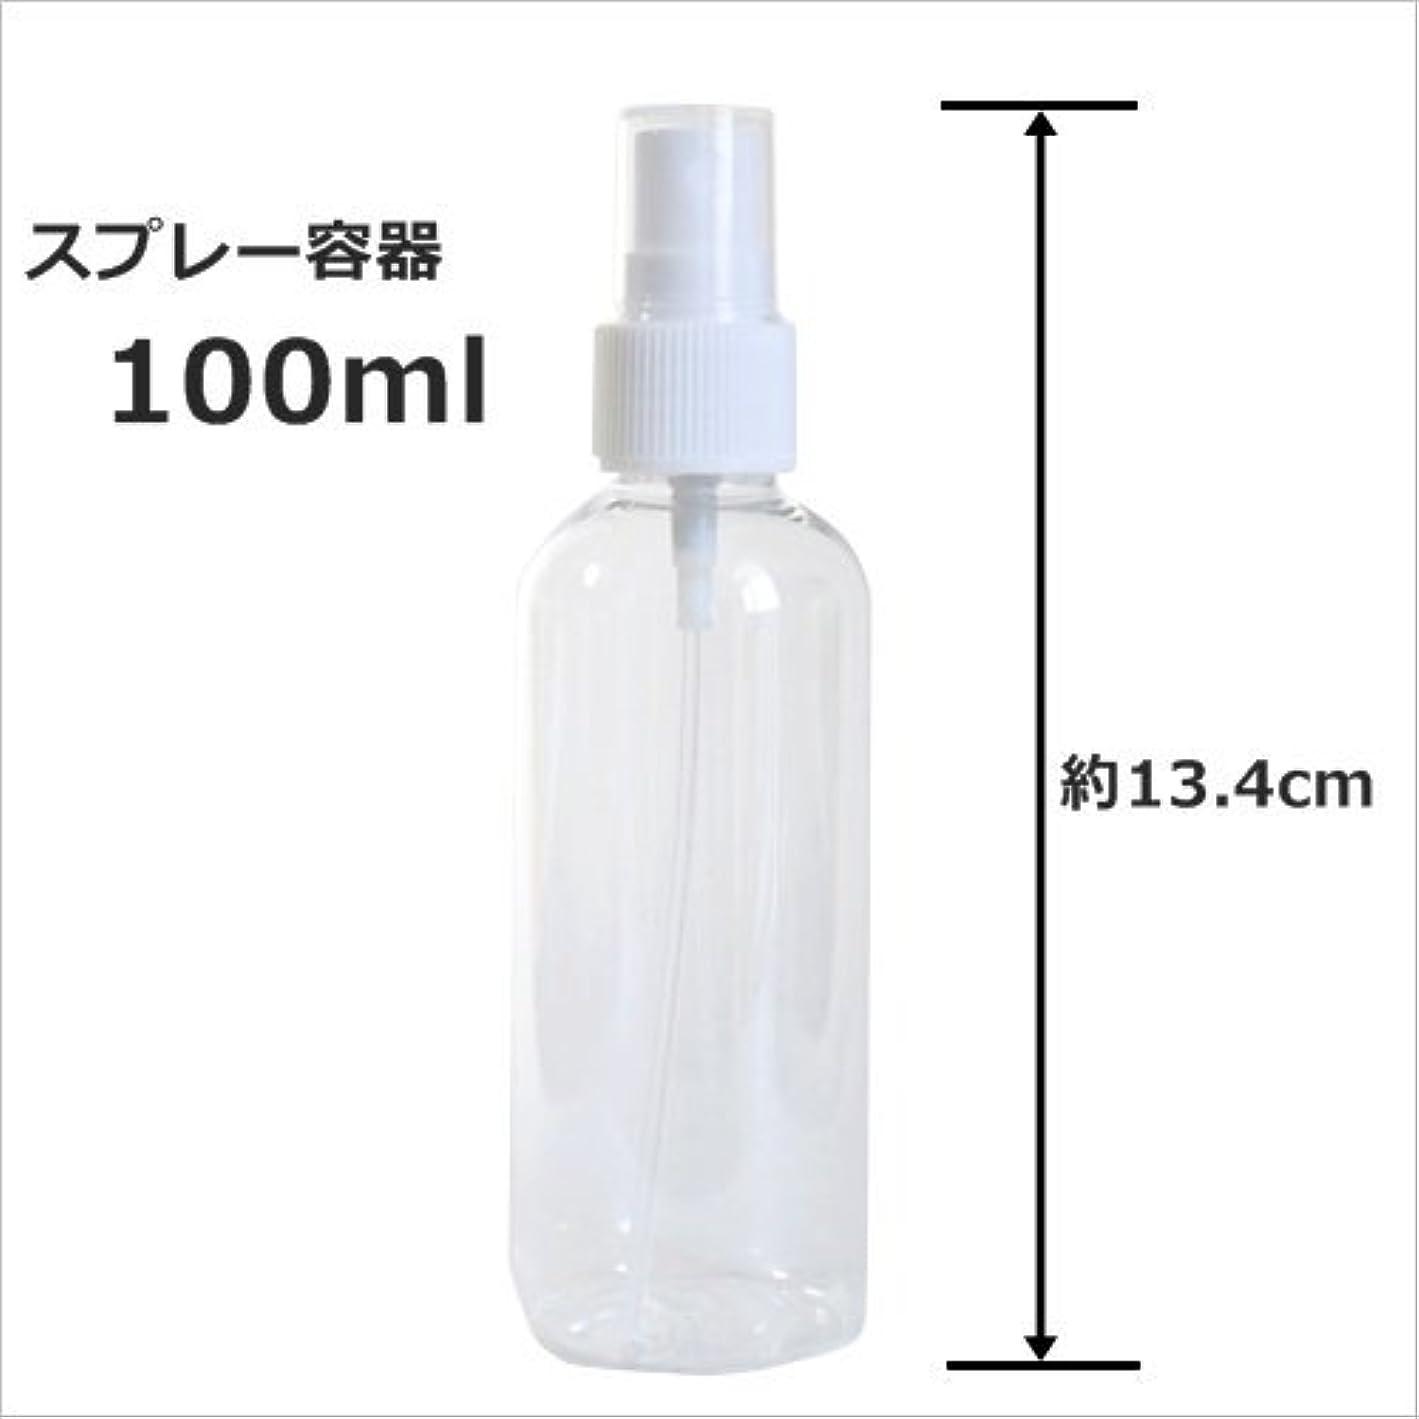 伝染性のボックス自動化スプレーボトル 100ml プラスチック容器 happy fountain